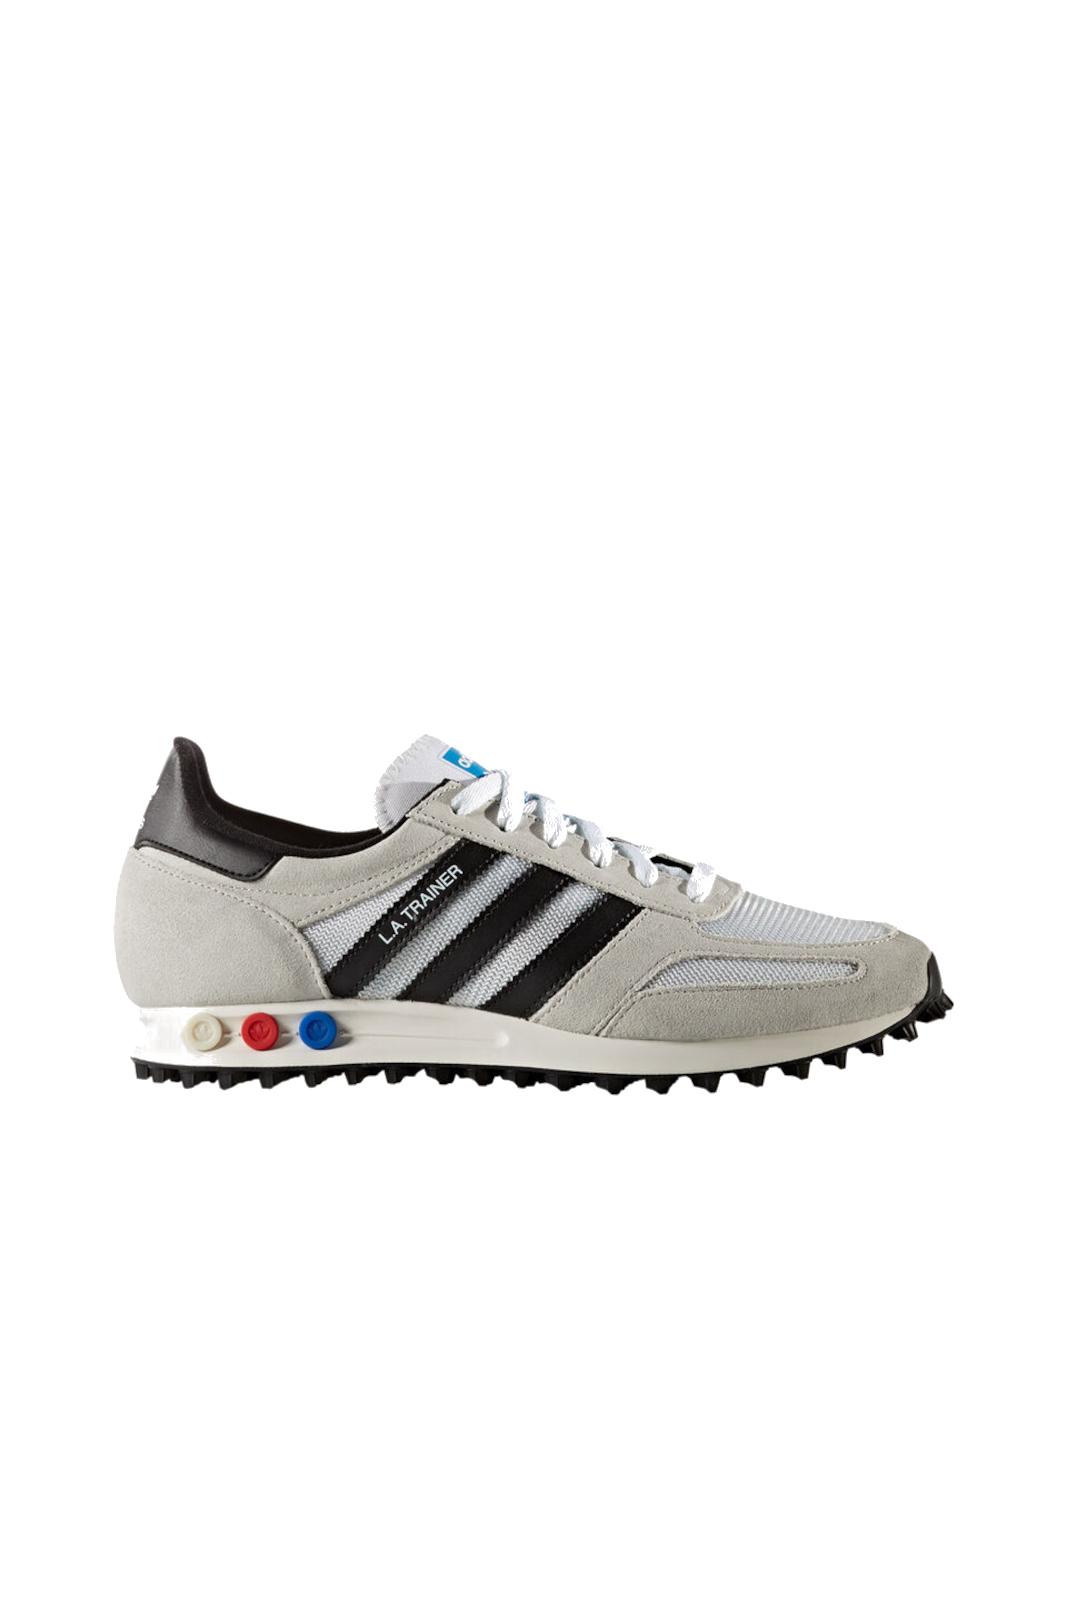 Sportiva e casual, la scarpa Adidas LA TRAINER OG. Perfetta per l'uomo che ama calzature comode, versatili, adatti ad ogni evenienza informale. Una garanzia di stile e comfort, grazie al fondo in gomma antiscivolo e la pelle scamosciata.